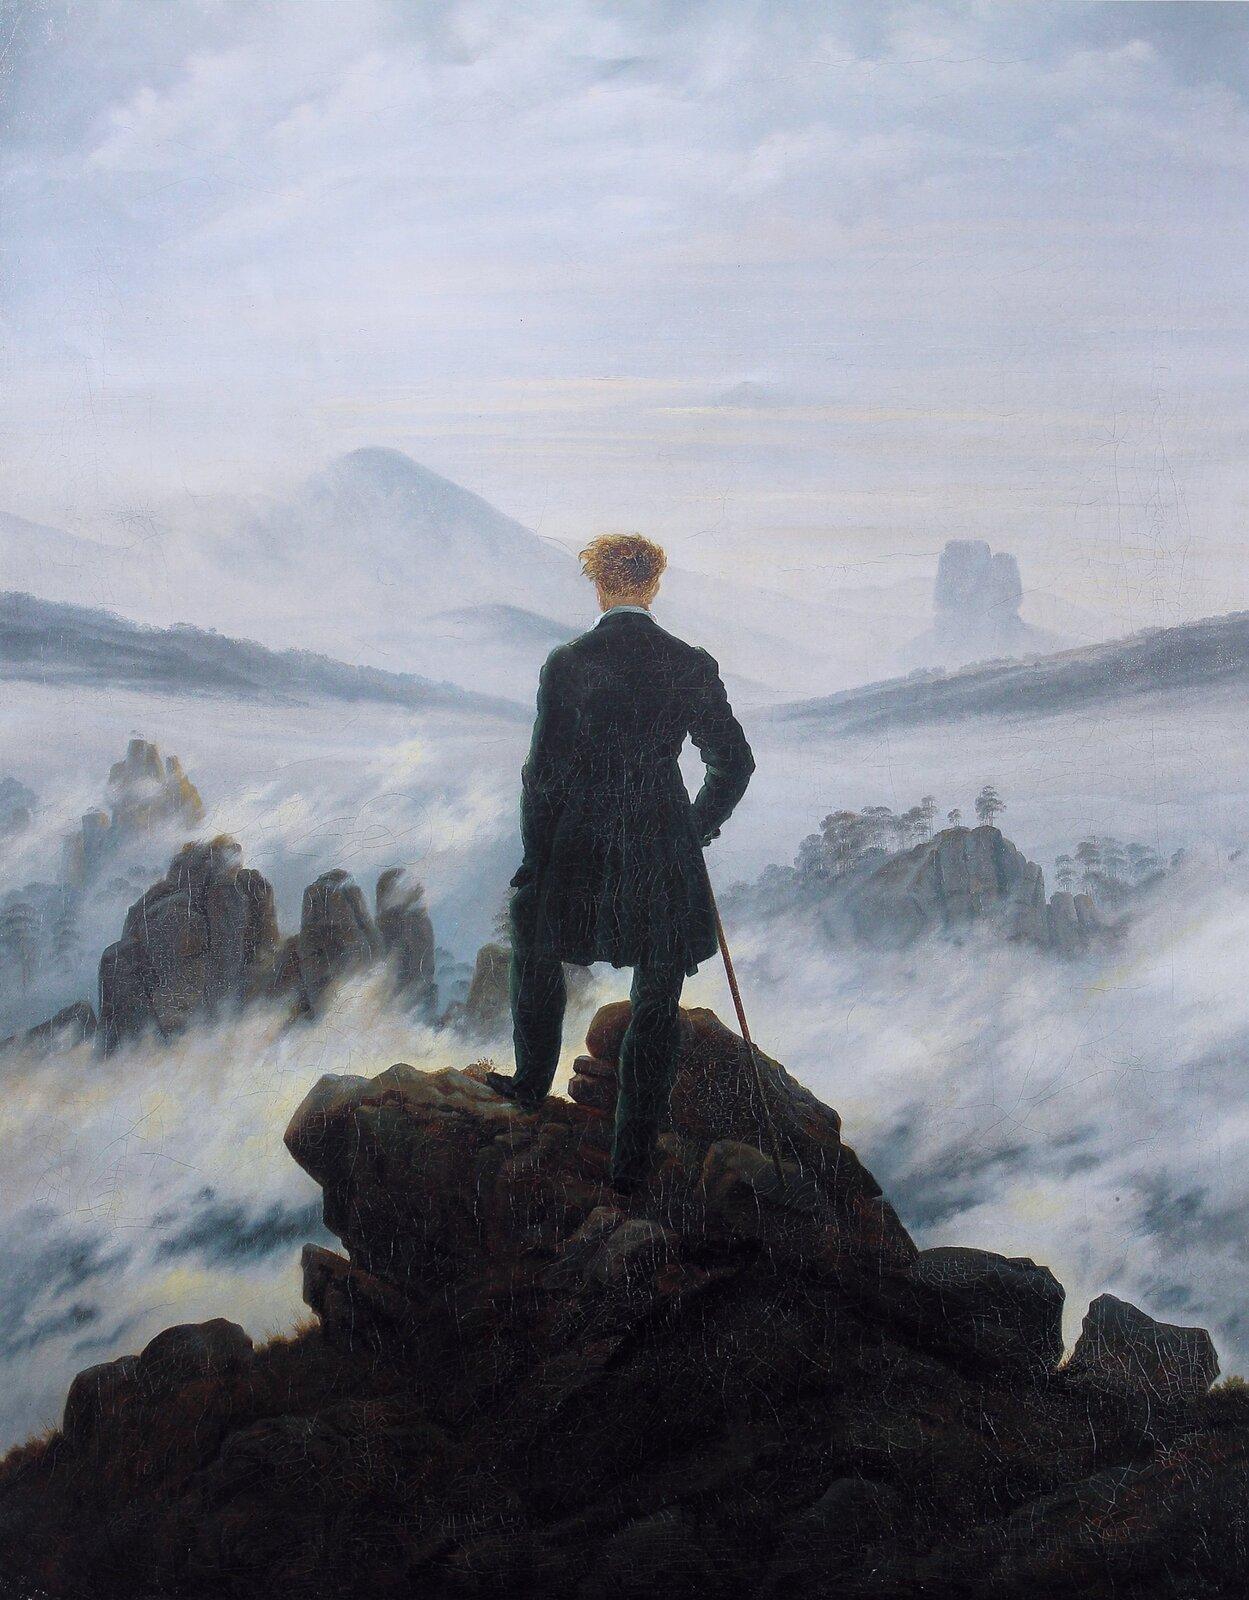 """Ilustracja okształcie pionowego prostokąta przedstawia obraz Caspara Davida Friedricha """"Wędrowiec ponad morzem mgły"""". Ukazuje stojącego na skale mężczyznę zlaską wprawym ręku, zwróconego tyłem do widza iwpatrującego się wdaleki pejzaż. Wtle widoczne są fragmenty szczytów gór, skąpane we mgle. Im dalej, tym pejzaż staje się bardziej rozmyty iłączy się zjasnym niebem."""